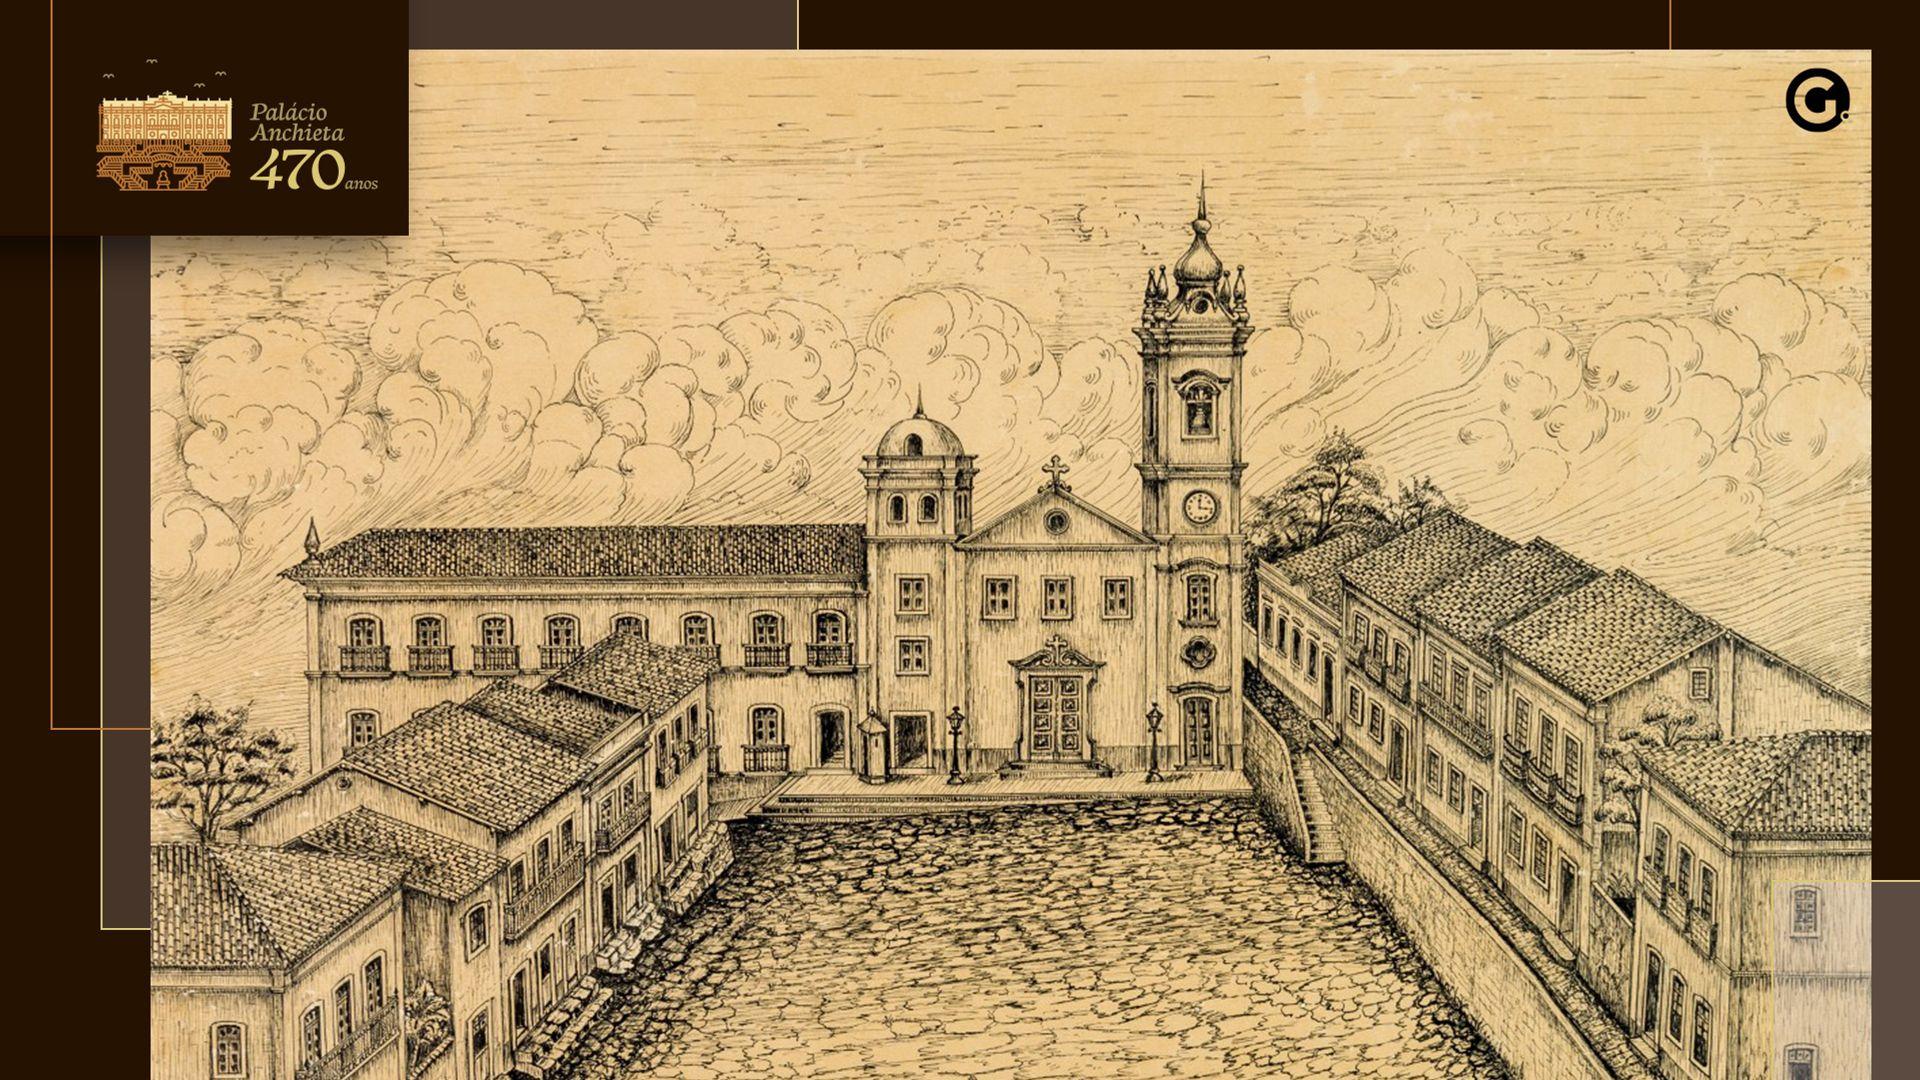 Desenho da antiga fechada do Palácio Anchieta, voltada para a Praça João Clímaco, ainda no período colonial